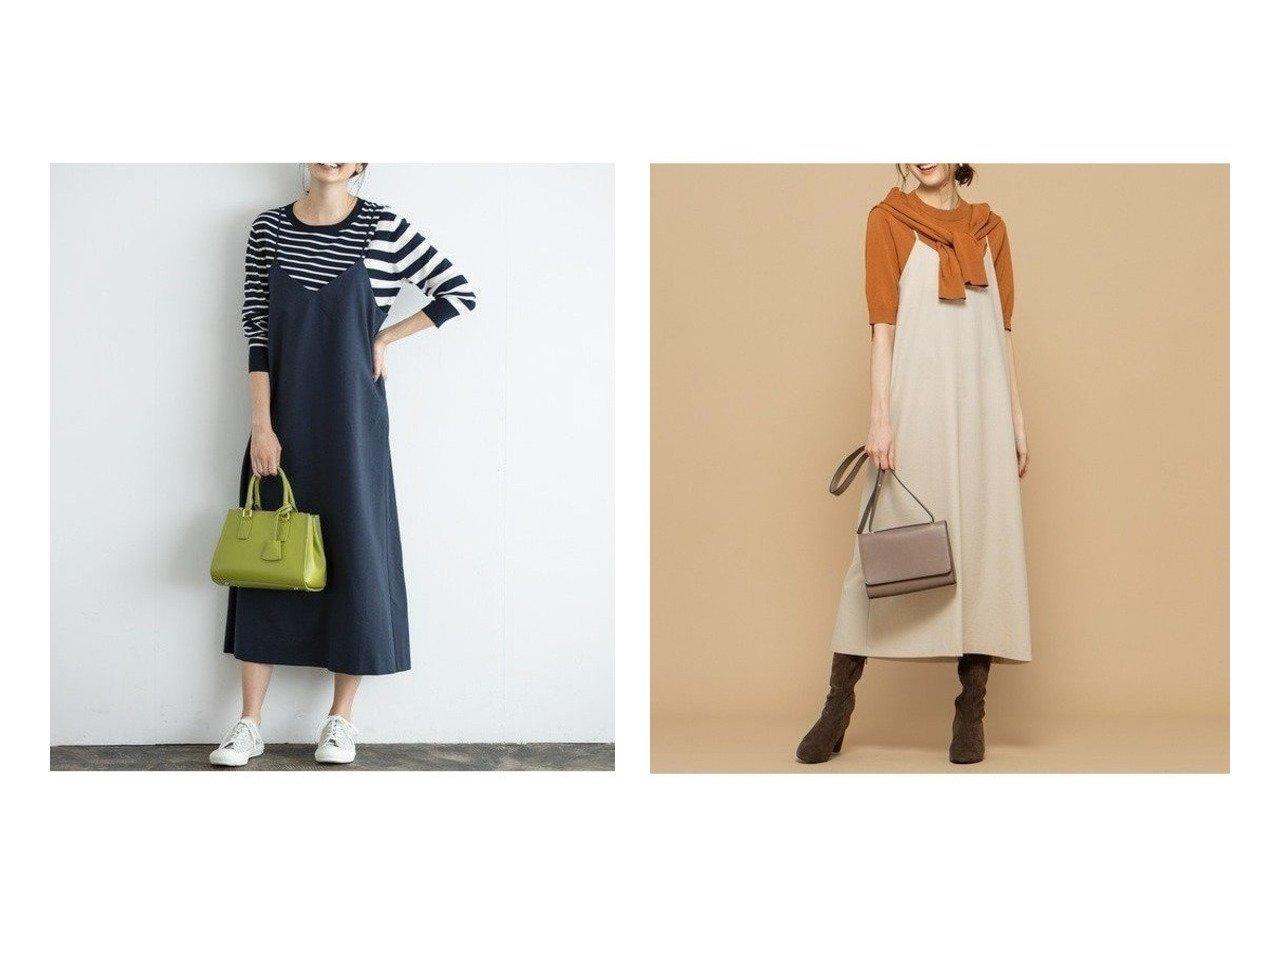 【KUMIKYOKU/組曲】の【新色登場!洗える】リネンライクベーシック キャミワンピース ワンピース・ドレスのおすすめ!人気、トレンド・レディースファッションの通販 おすすめで人気の流行・トレンド、ファッションの通販商品 メンズファッション・キッズファッション・インテリア・家具・レディースファッション・服の通販 founy(ファニー) https://founy.com/ ファッション Fashion レディースファッション WOMEN ワンピース Dress キャミワンピース No Sleeve Dresses キャミソール キャミワンピース ストレッチ 人気 リネン A/W 秋冬 Autumn &  Winter |ID:crp329100000009410